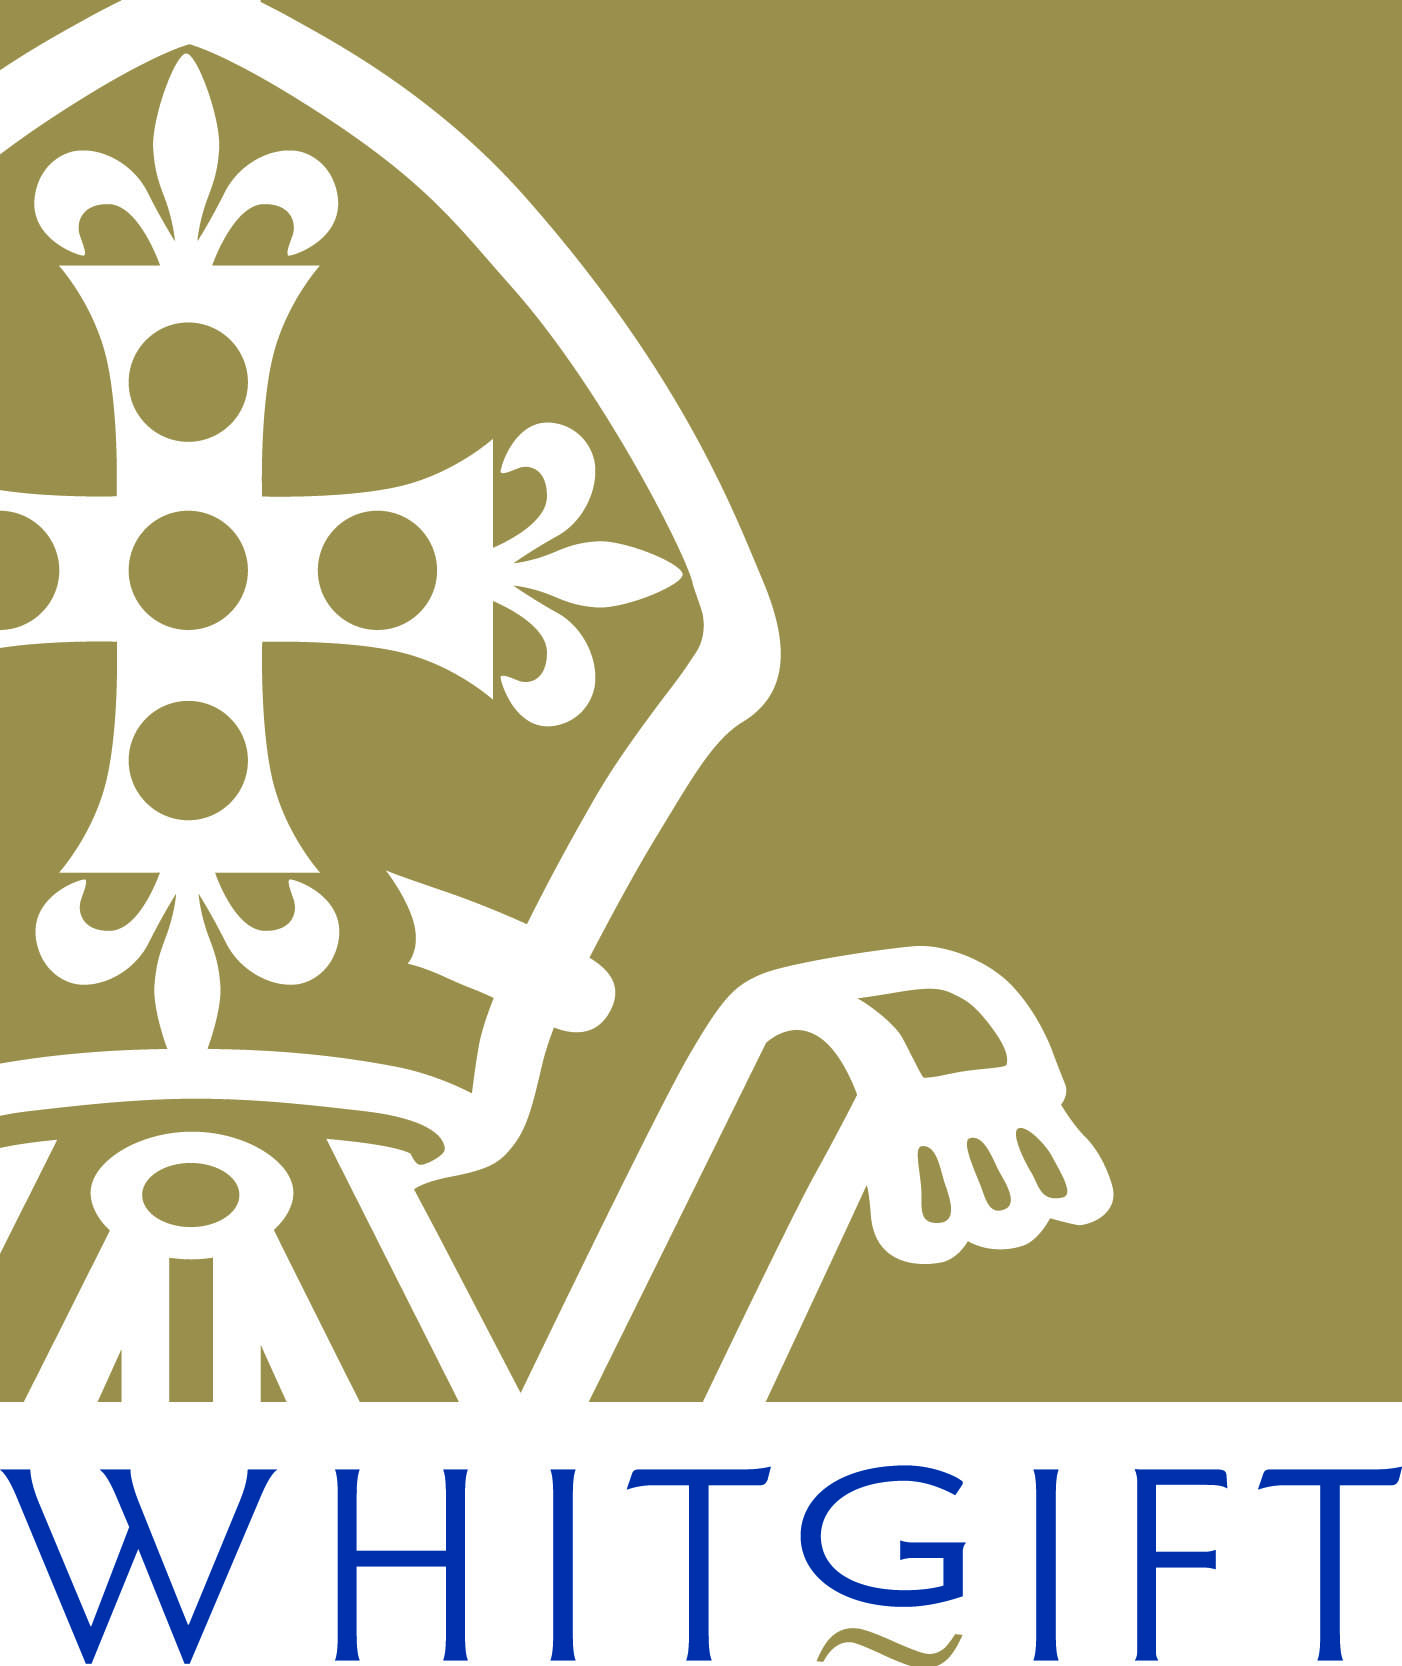 Whitgift - Campamento de inglés de alta calidad en Reino Unido